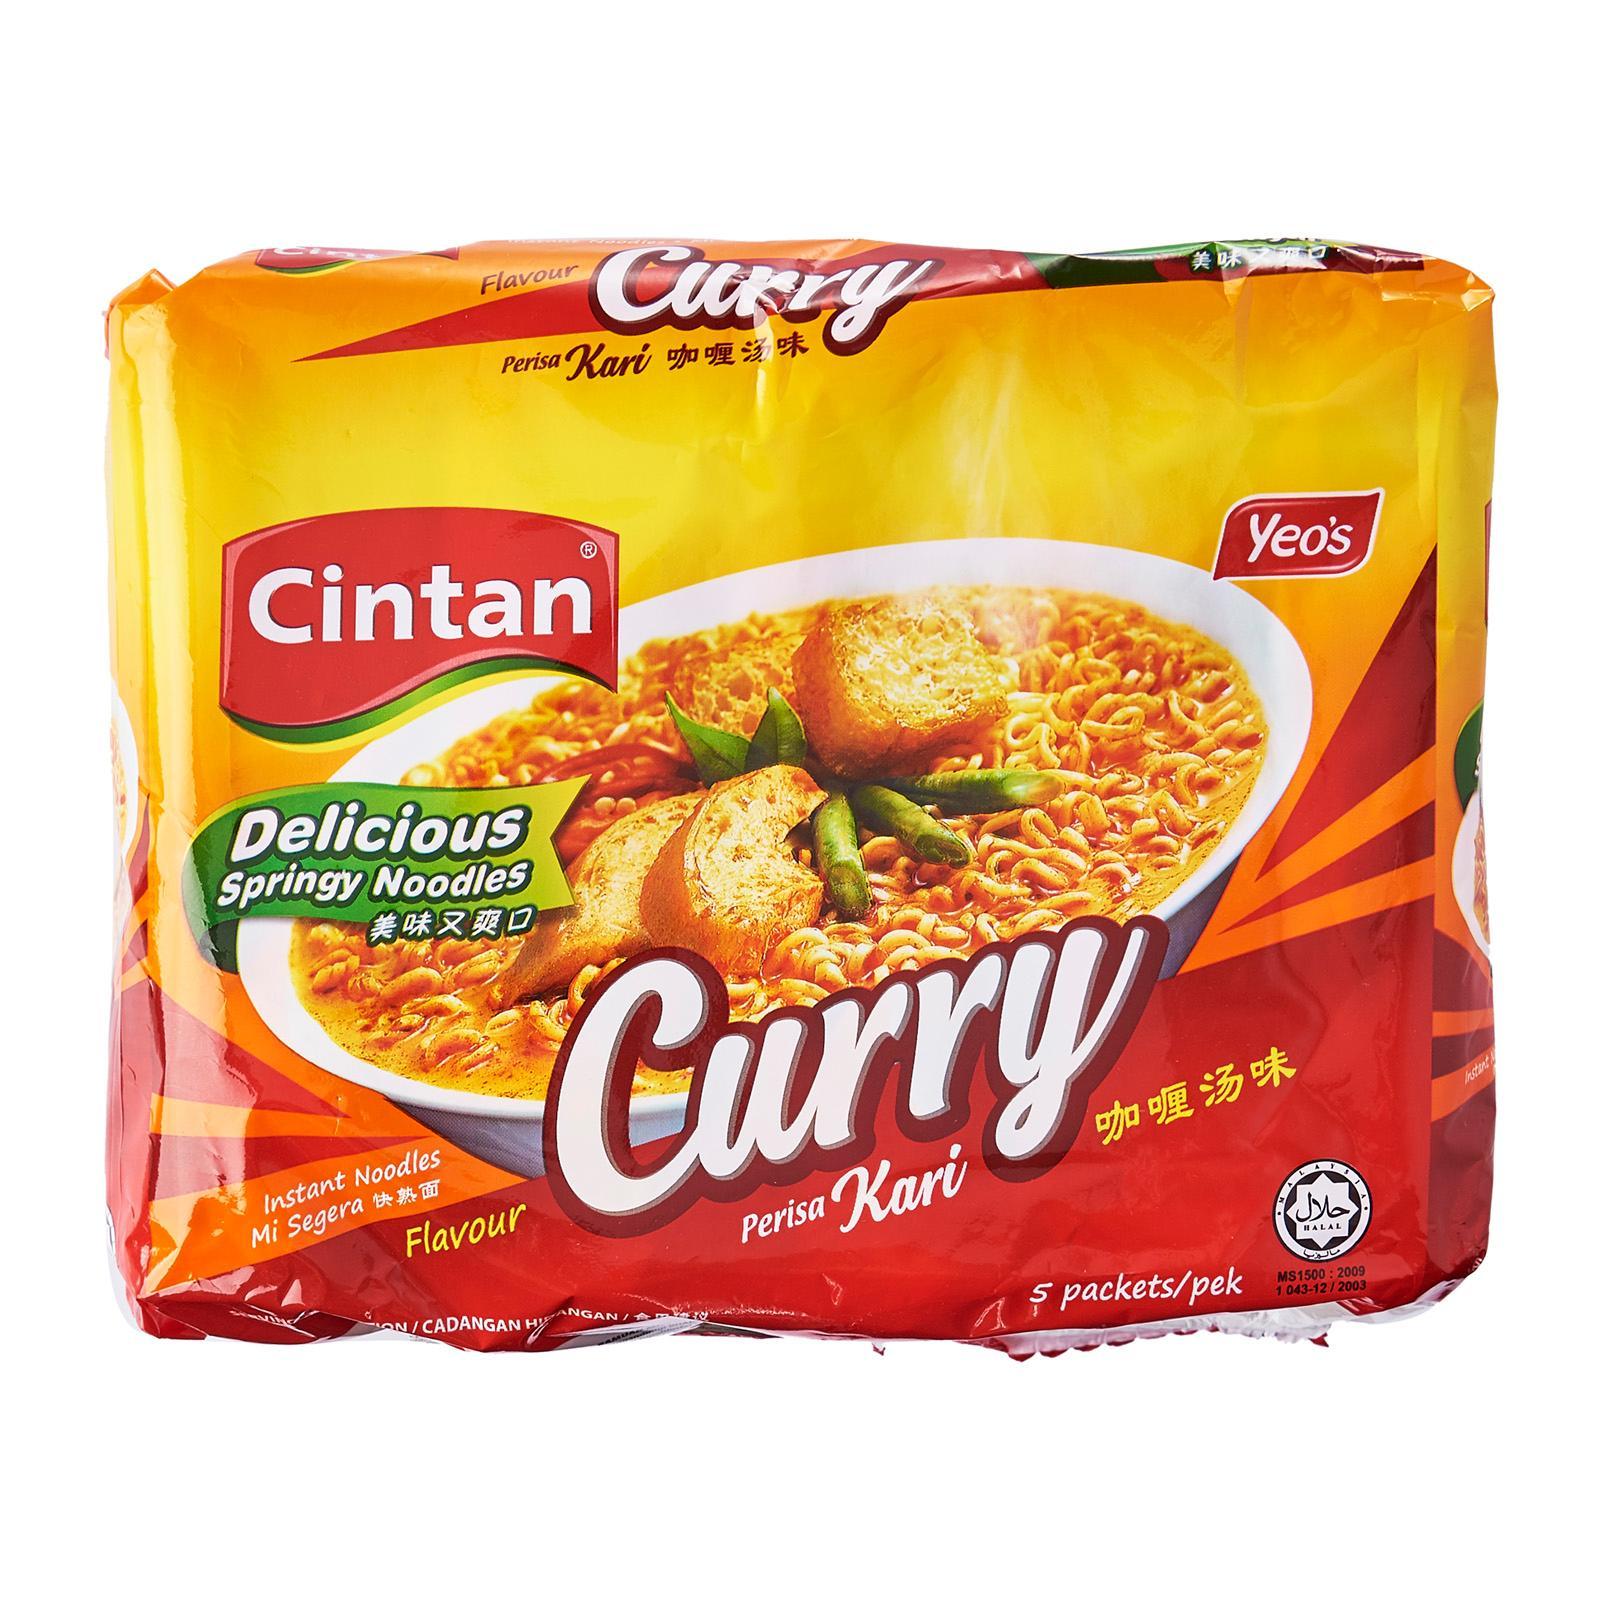 Cintan Noodles Curry